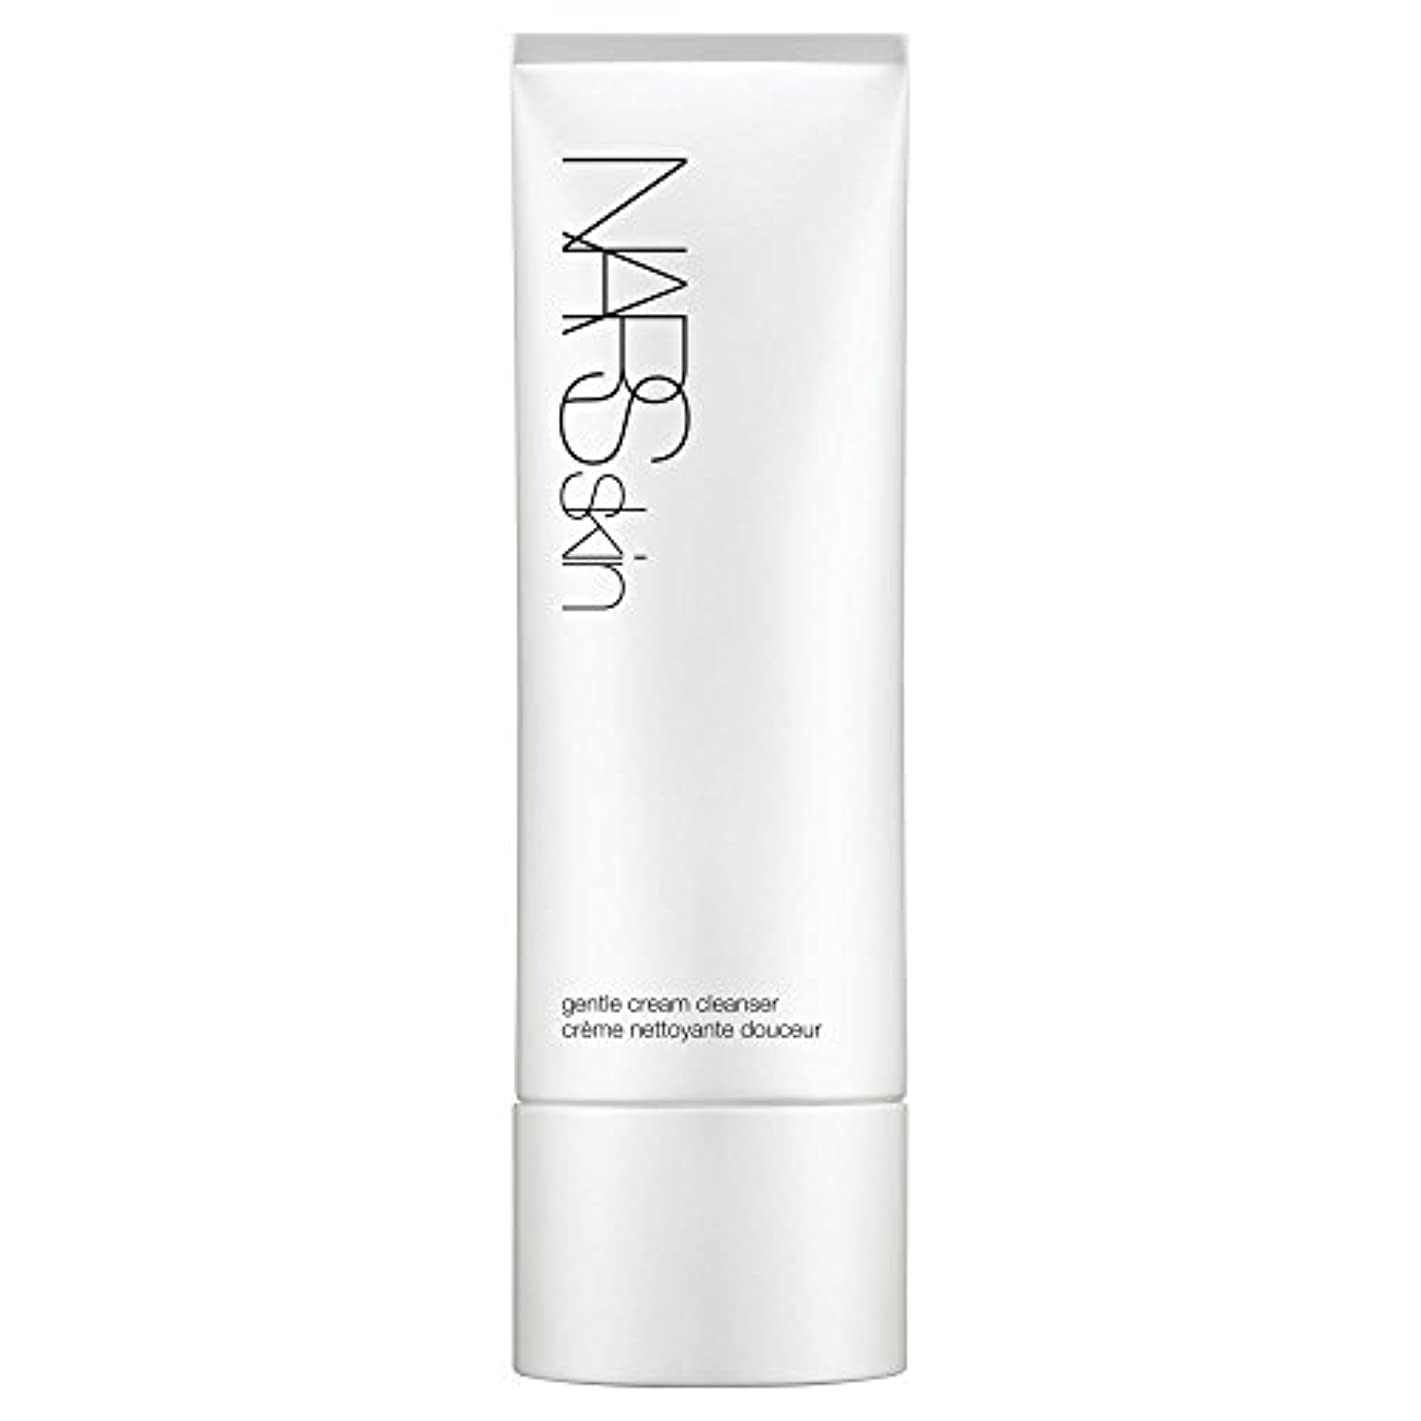 チャーターバクテリアシルエット[NARS] Narsskin優しいクリームクレンザー、125ミリリットル - Narsskin Gentle Cream Cleanser, 125ml [並行輸入品]